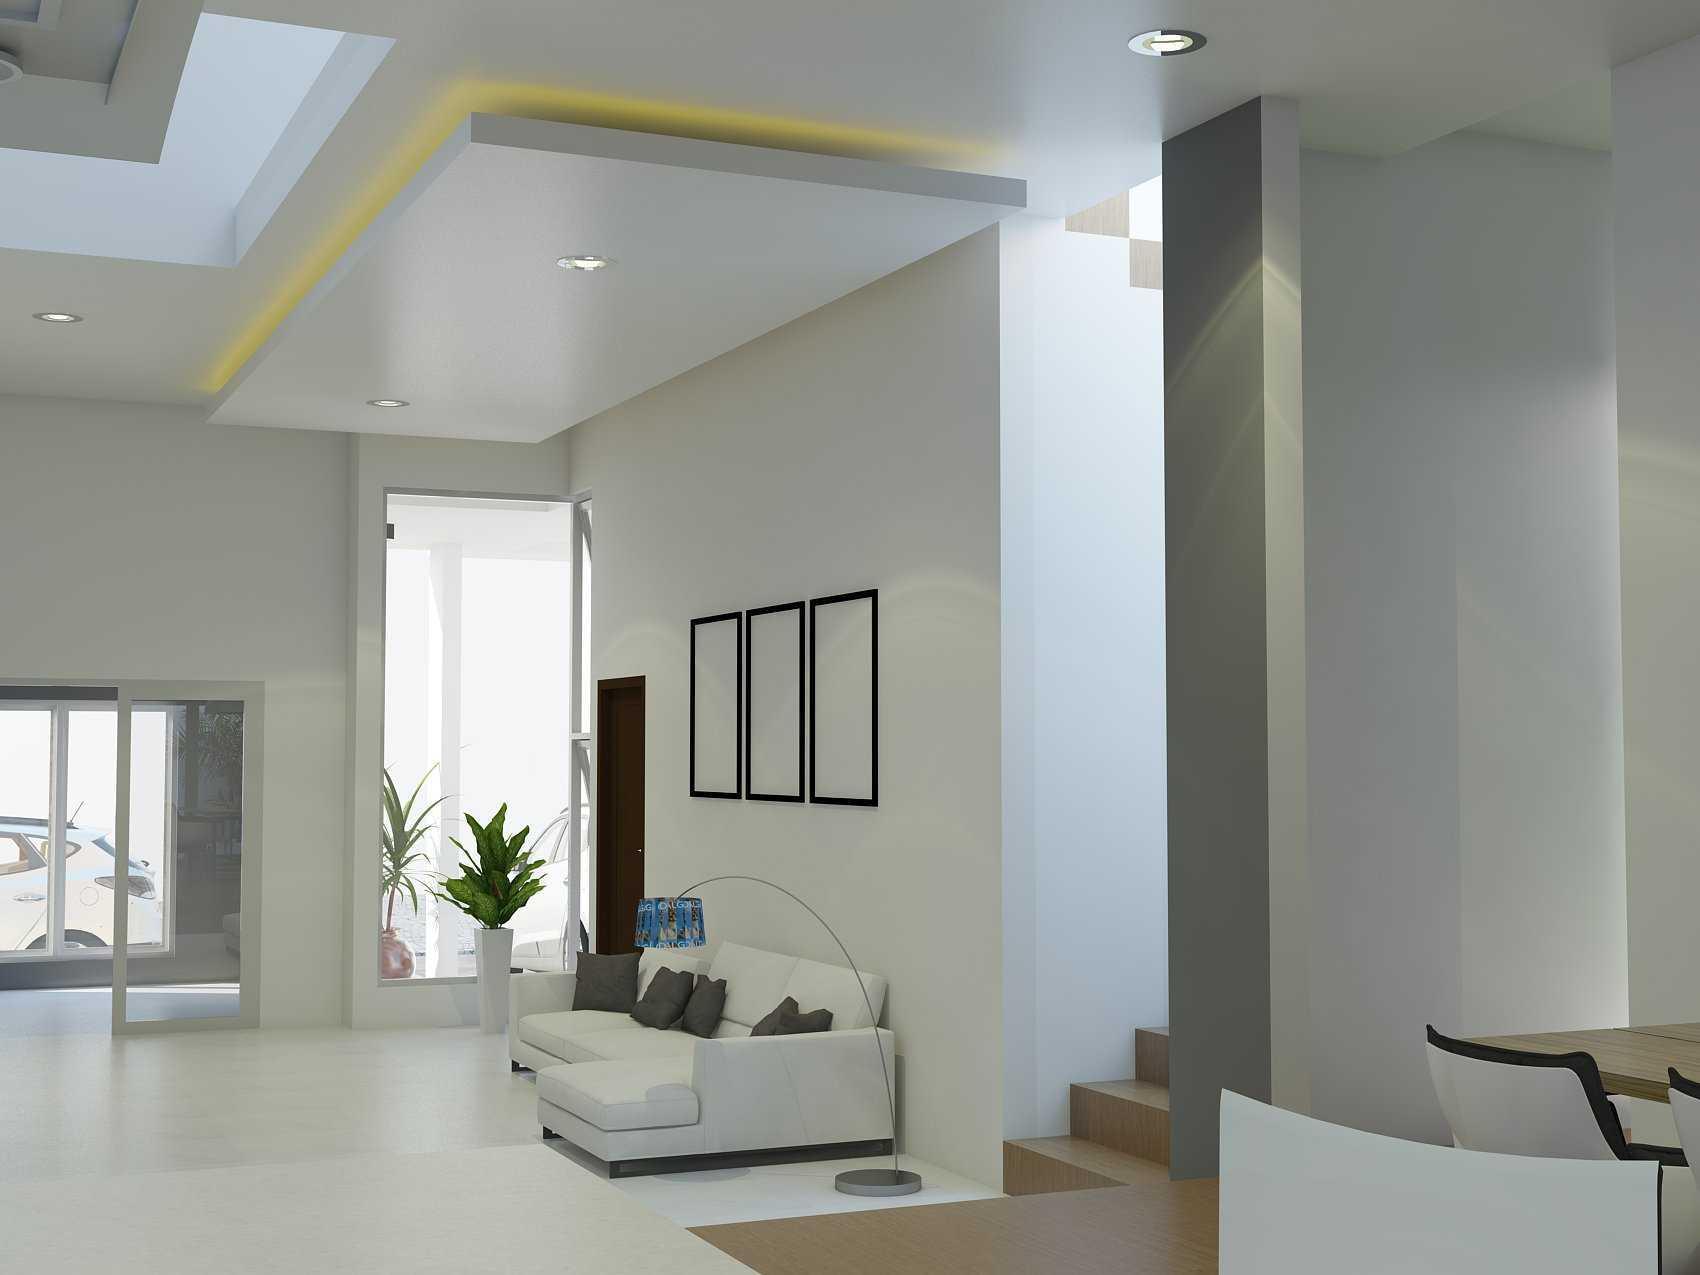 Arz Studio Interior Project - Di Kupang Ntt Kupang, Kota Kupang, Nusa Tenggara Tim., Indonesia Kupang, Kota Kupang, Nusa Tenggara Tim., Indonesia Family Room Modern <P>Untuk Plafond Kita Memilih Perpaduan Konsep Hidden Light</p> 42750